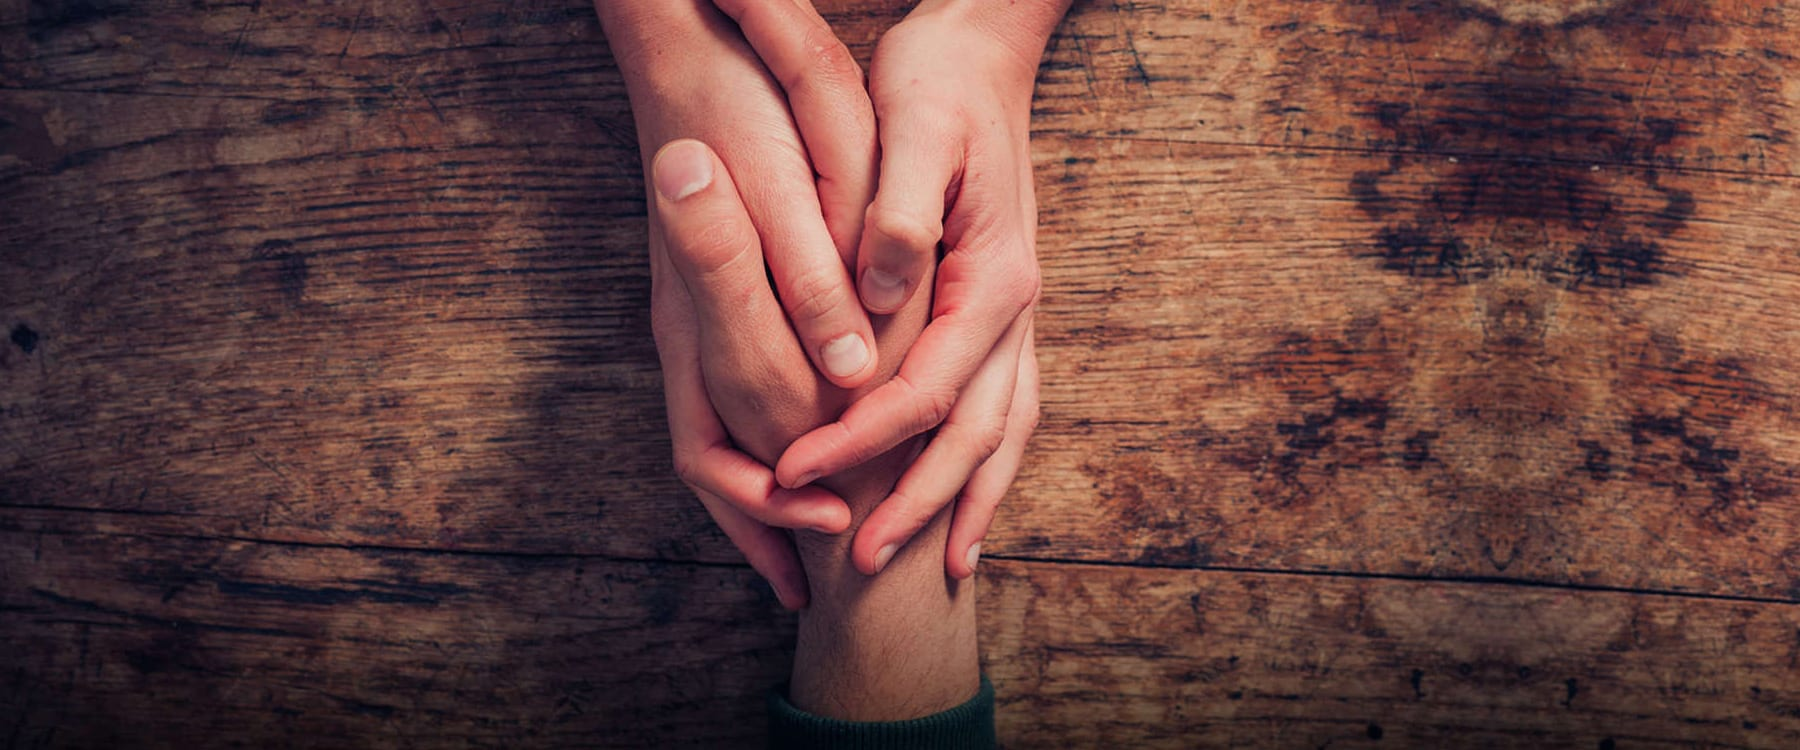 Victims & Survivors Service Image Second